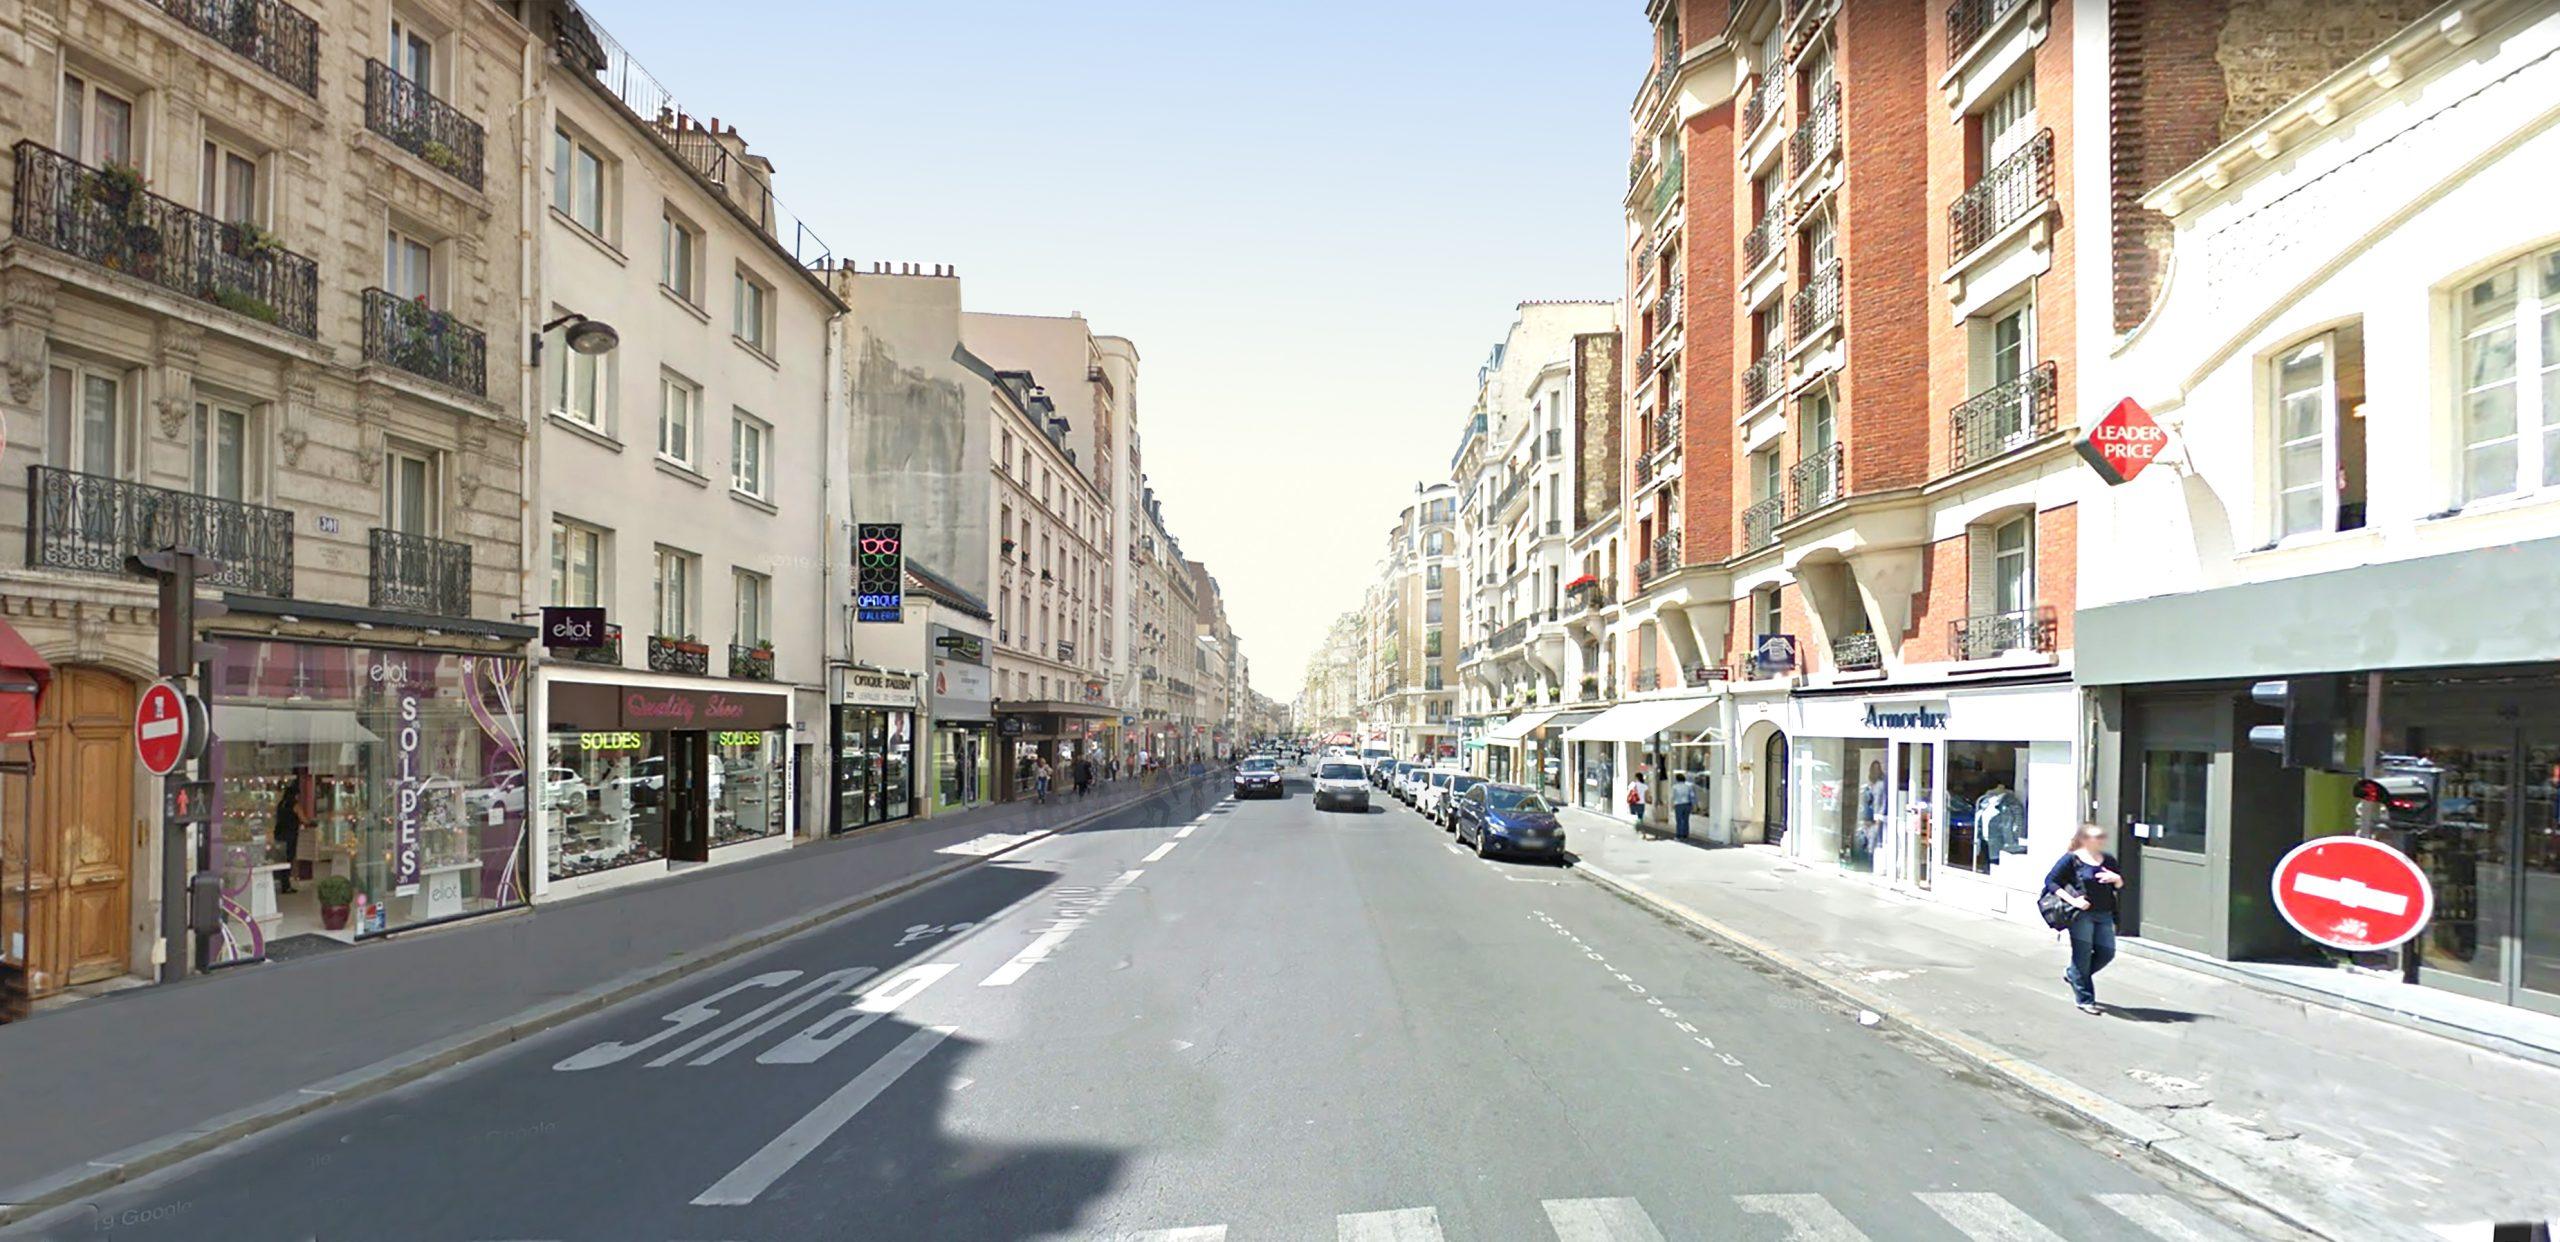 Paris - a city of fifteen minutes